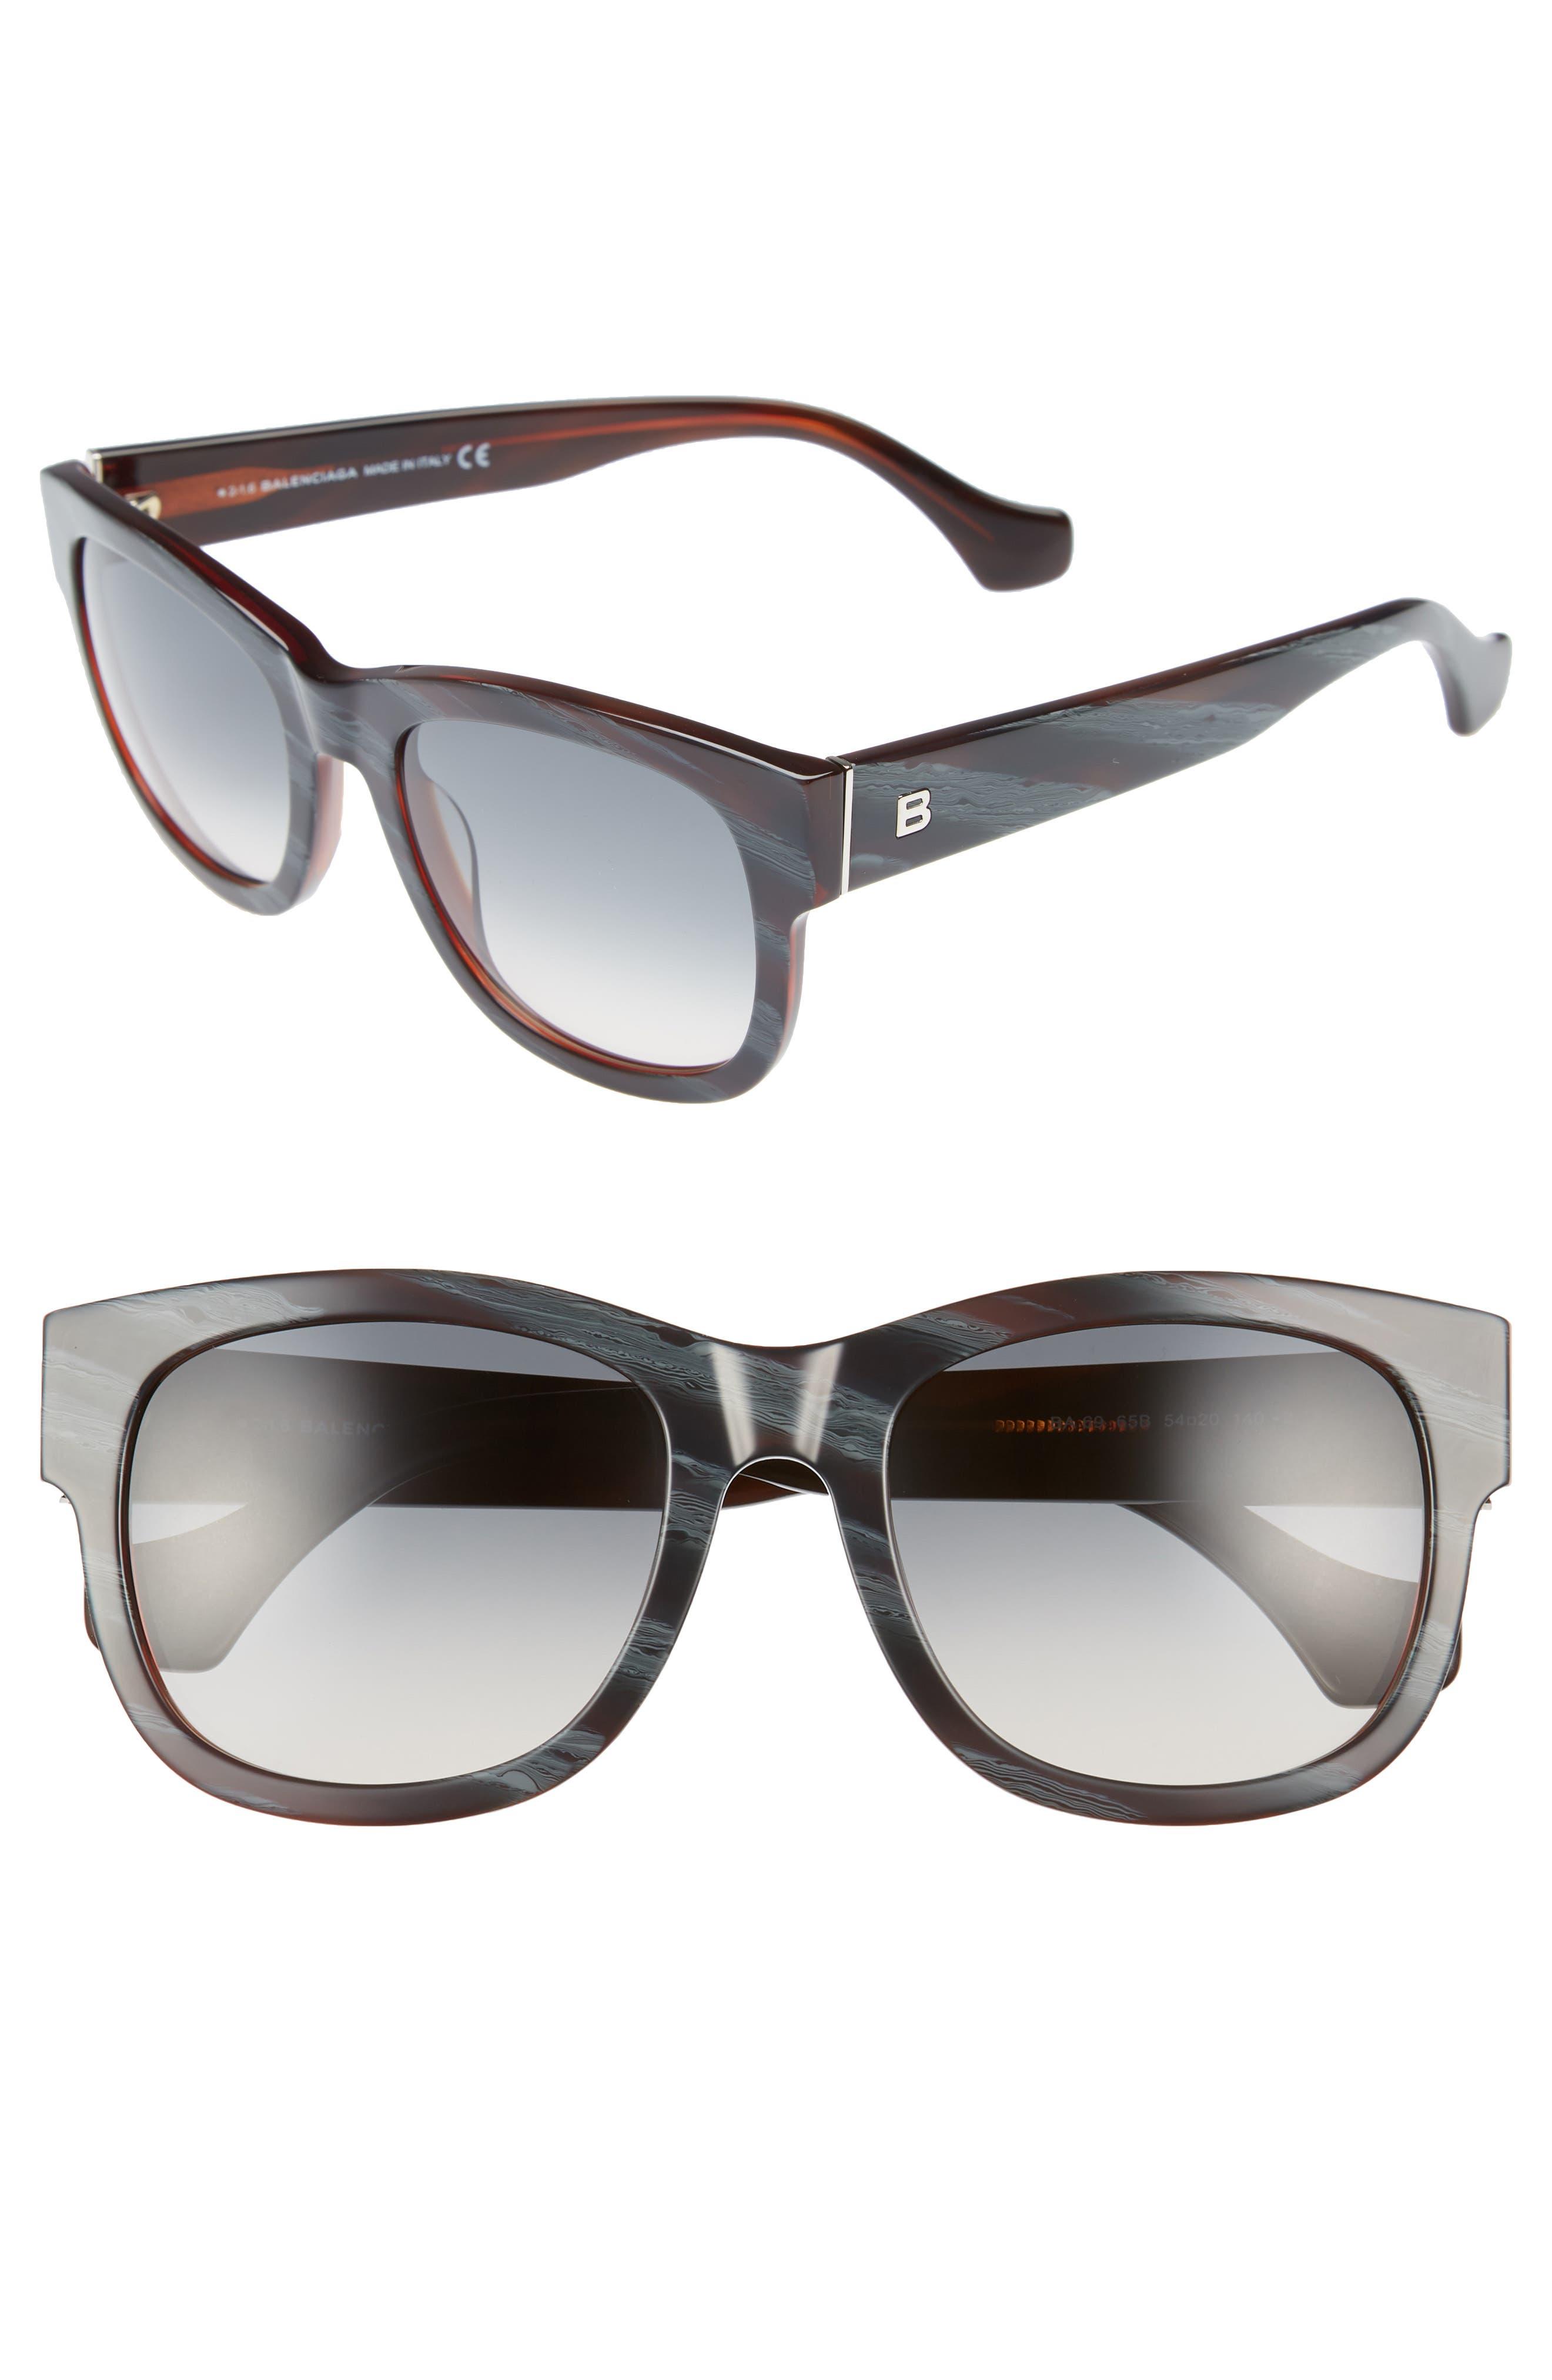 54mm Retro Sunglasses,                         Main,                         color, 400